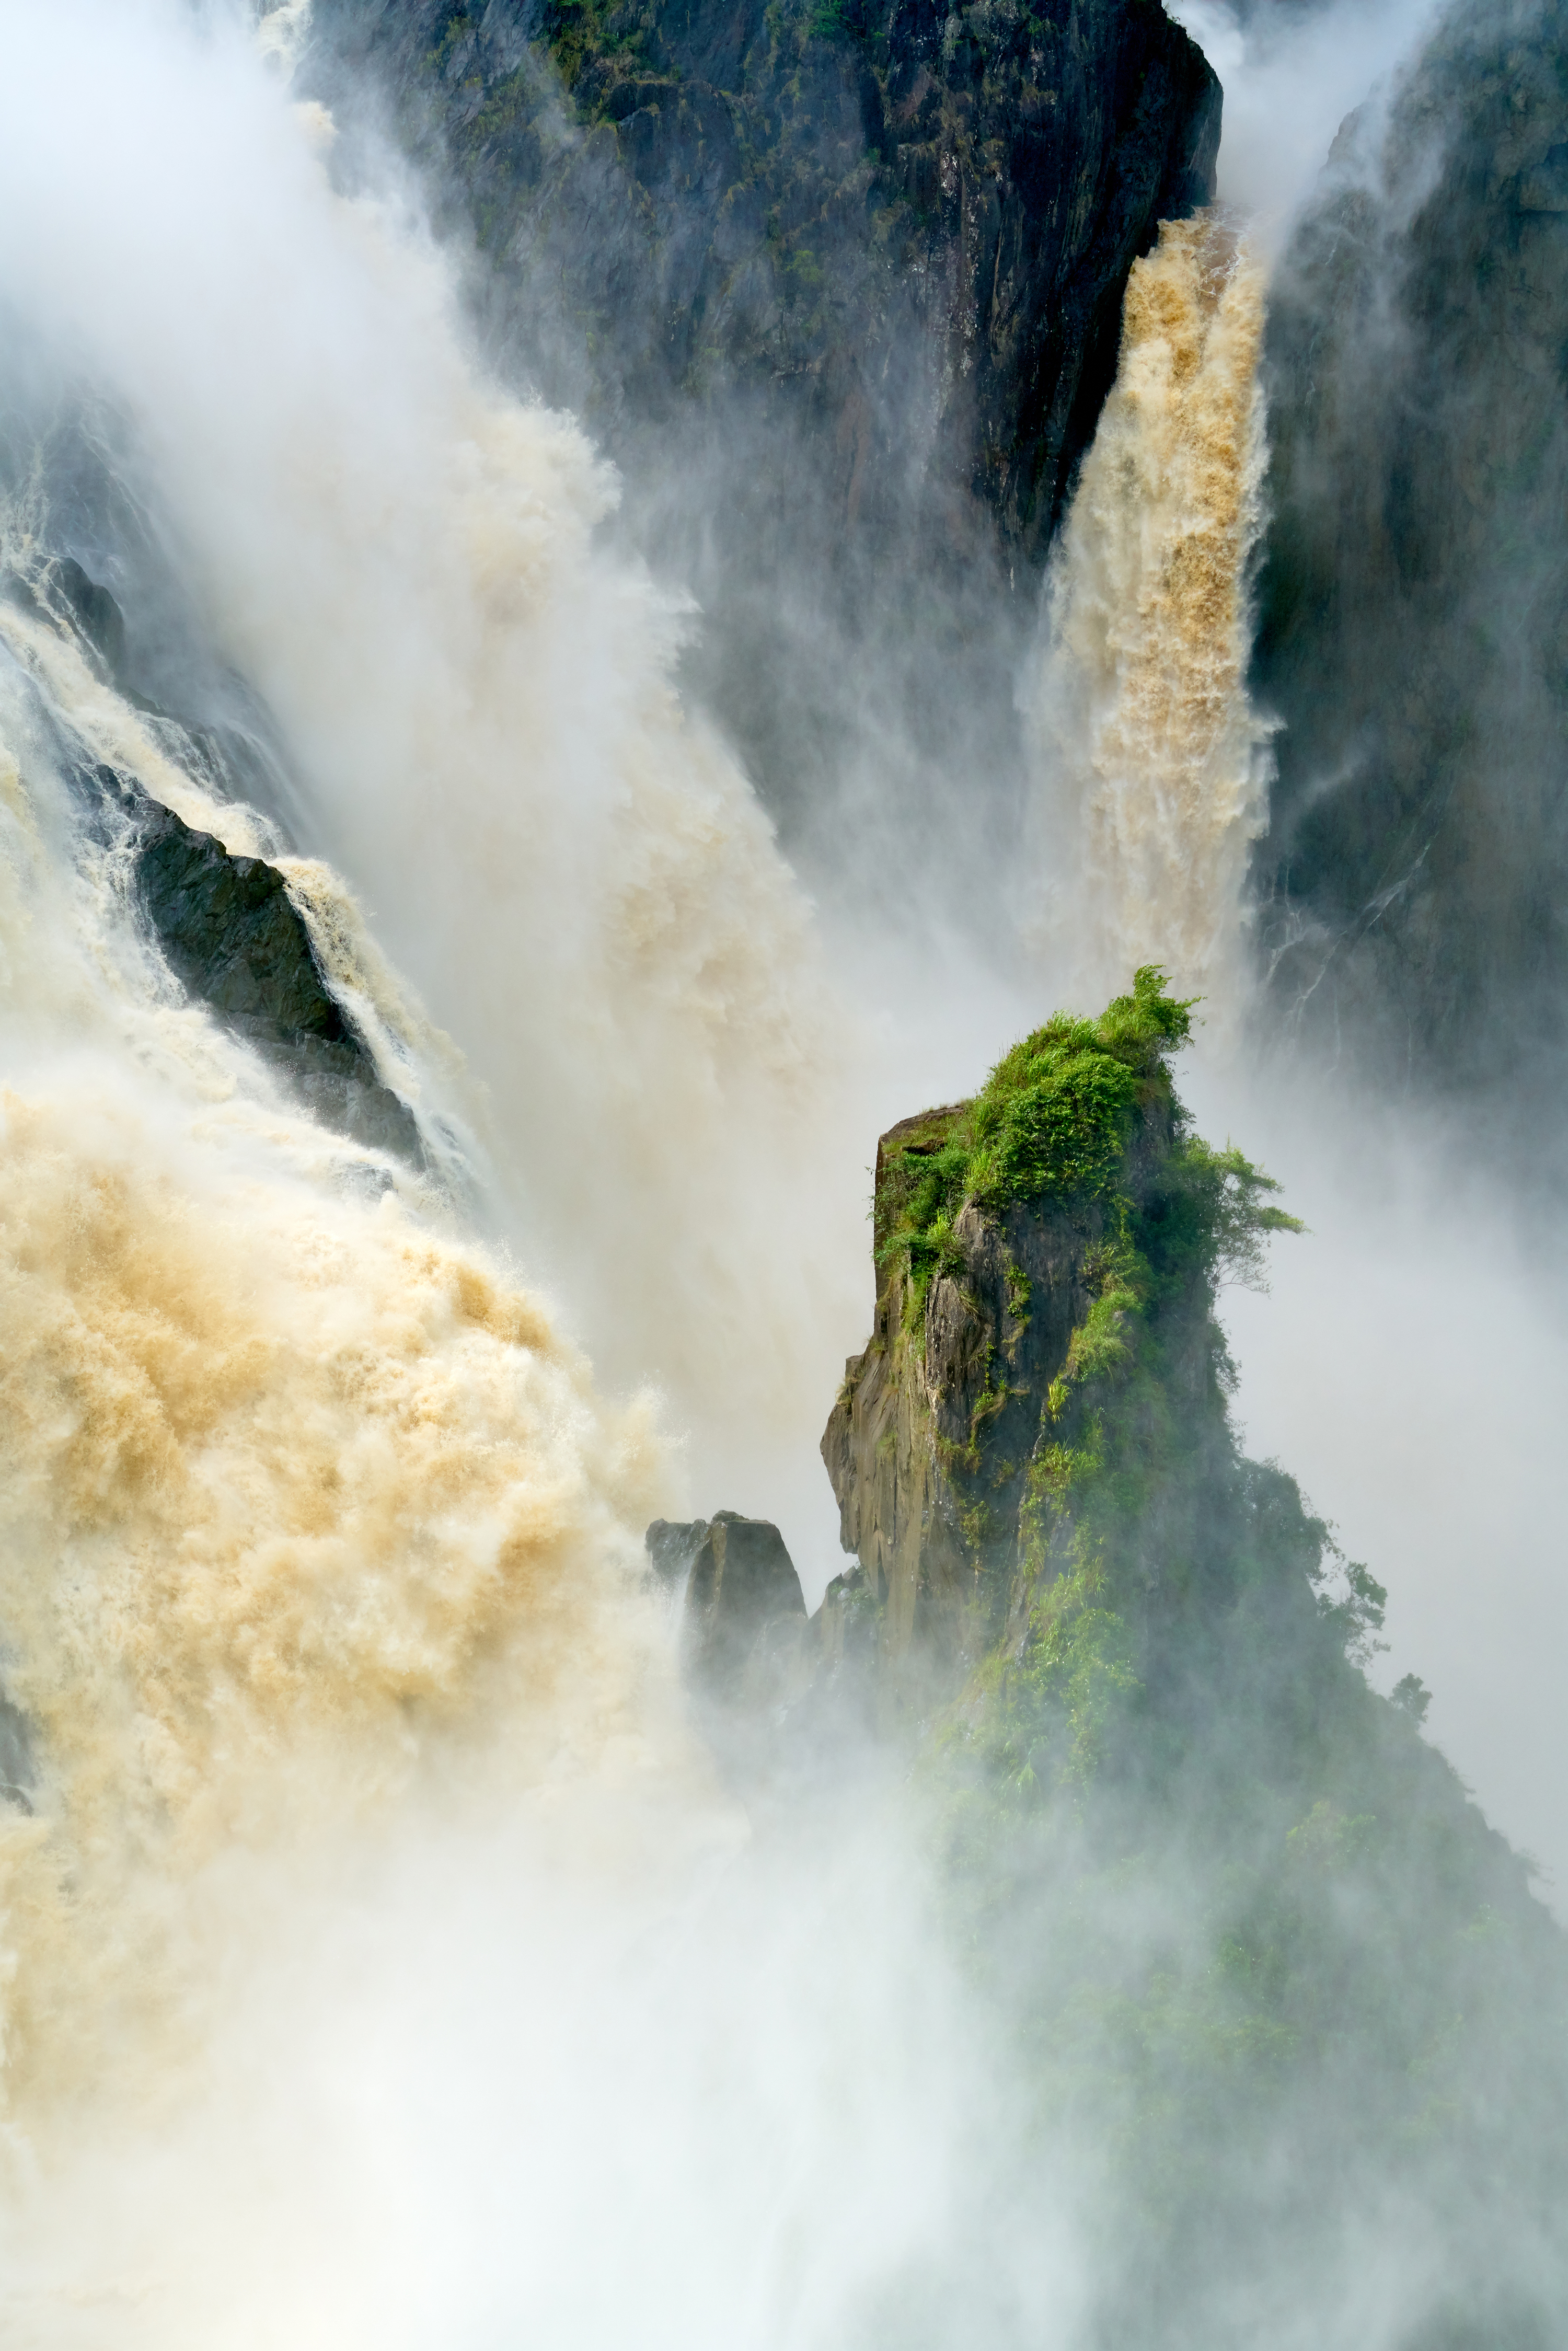 Barron Falls Flood by James Kaczmarek